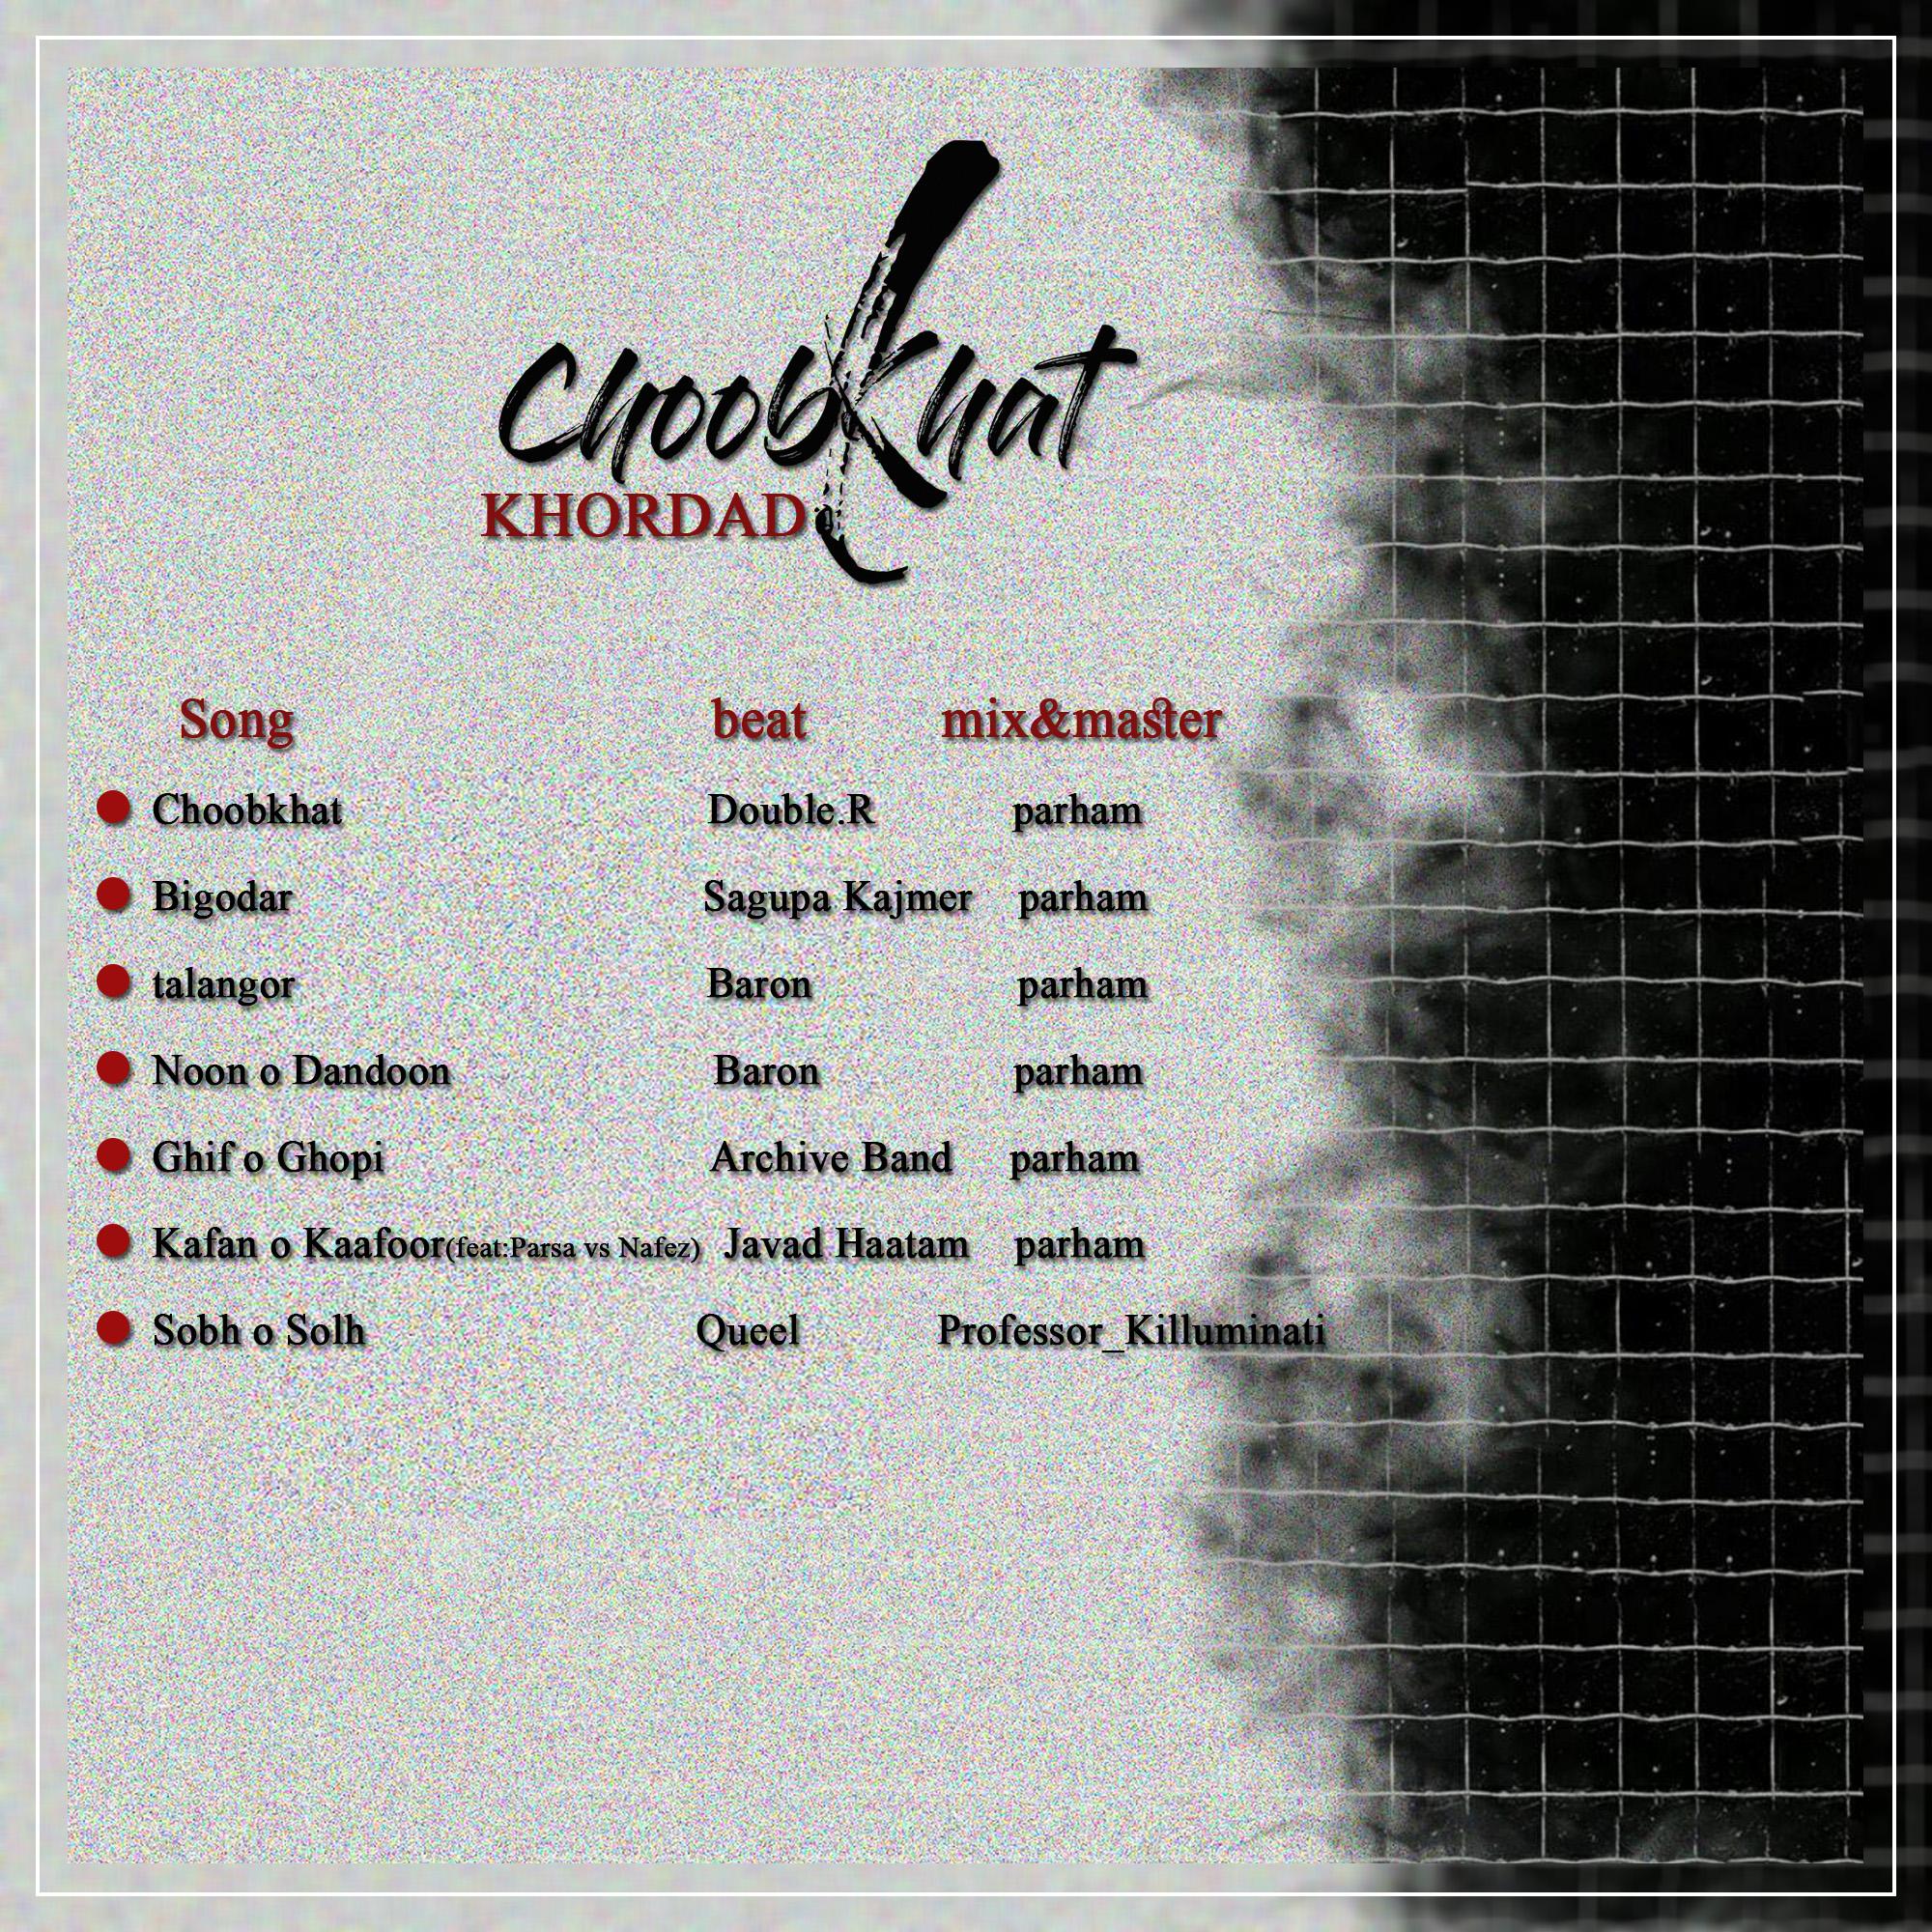 دانلود آلبوم جدید خرداد به نام چوبخط